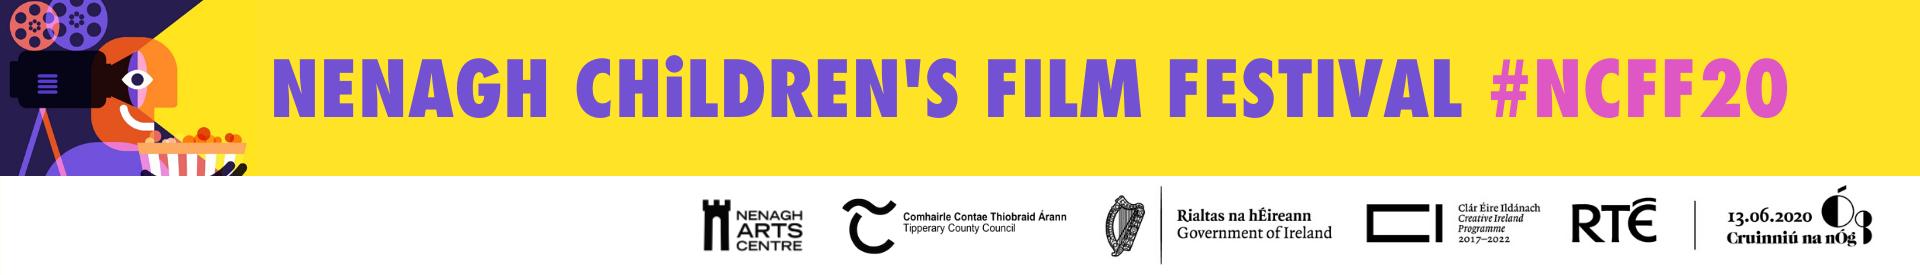 Nenagh Children's Film Festival